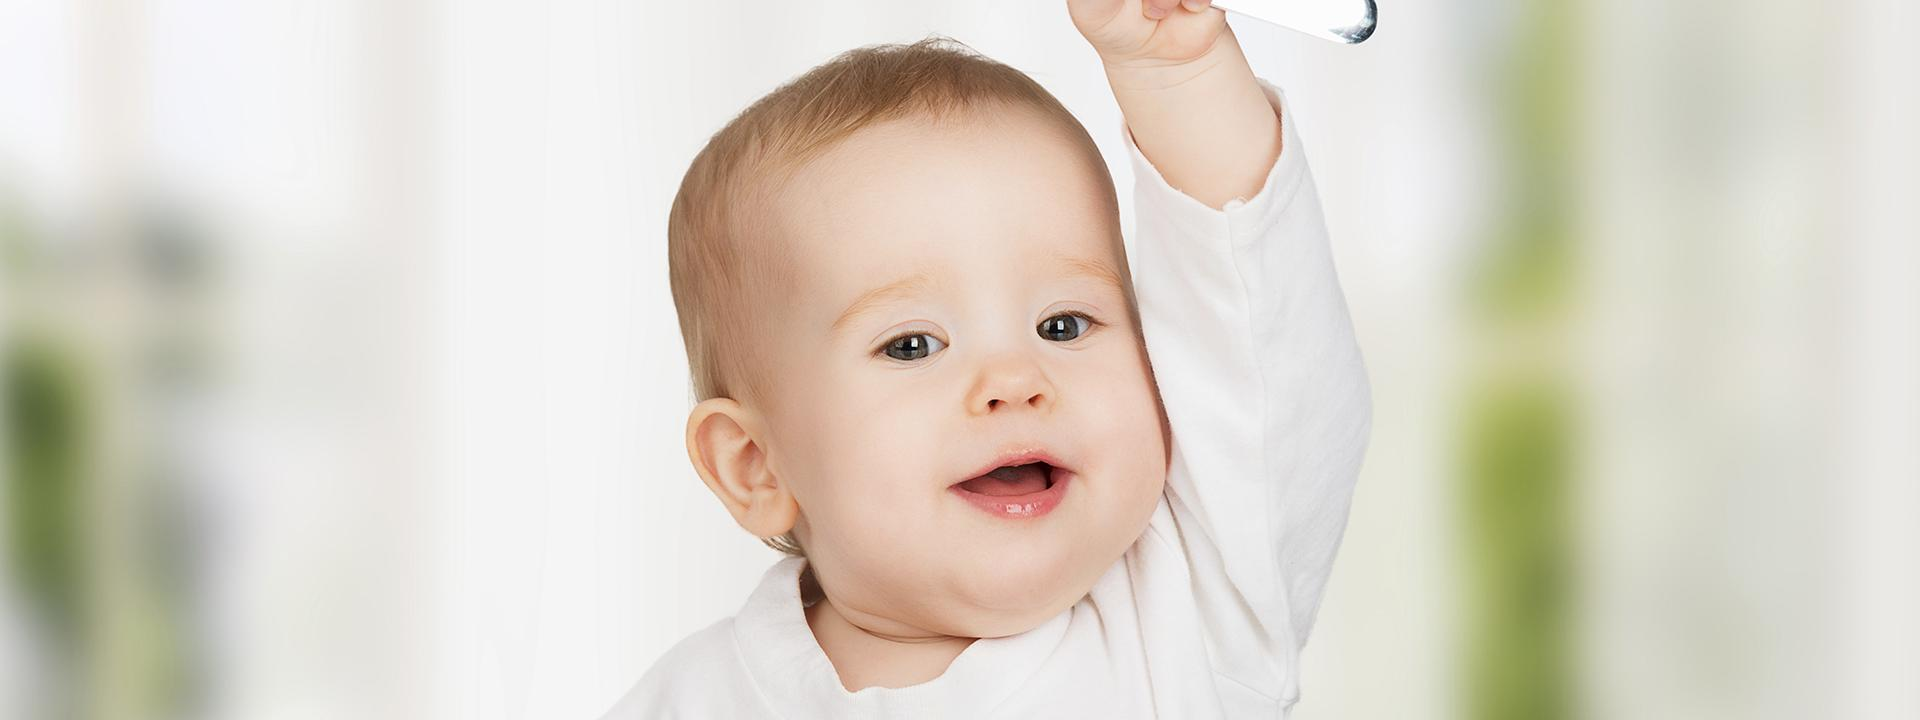 Bambino sorridendo e alzando la mano